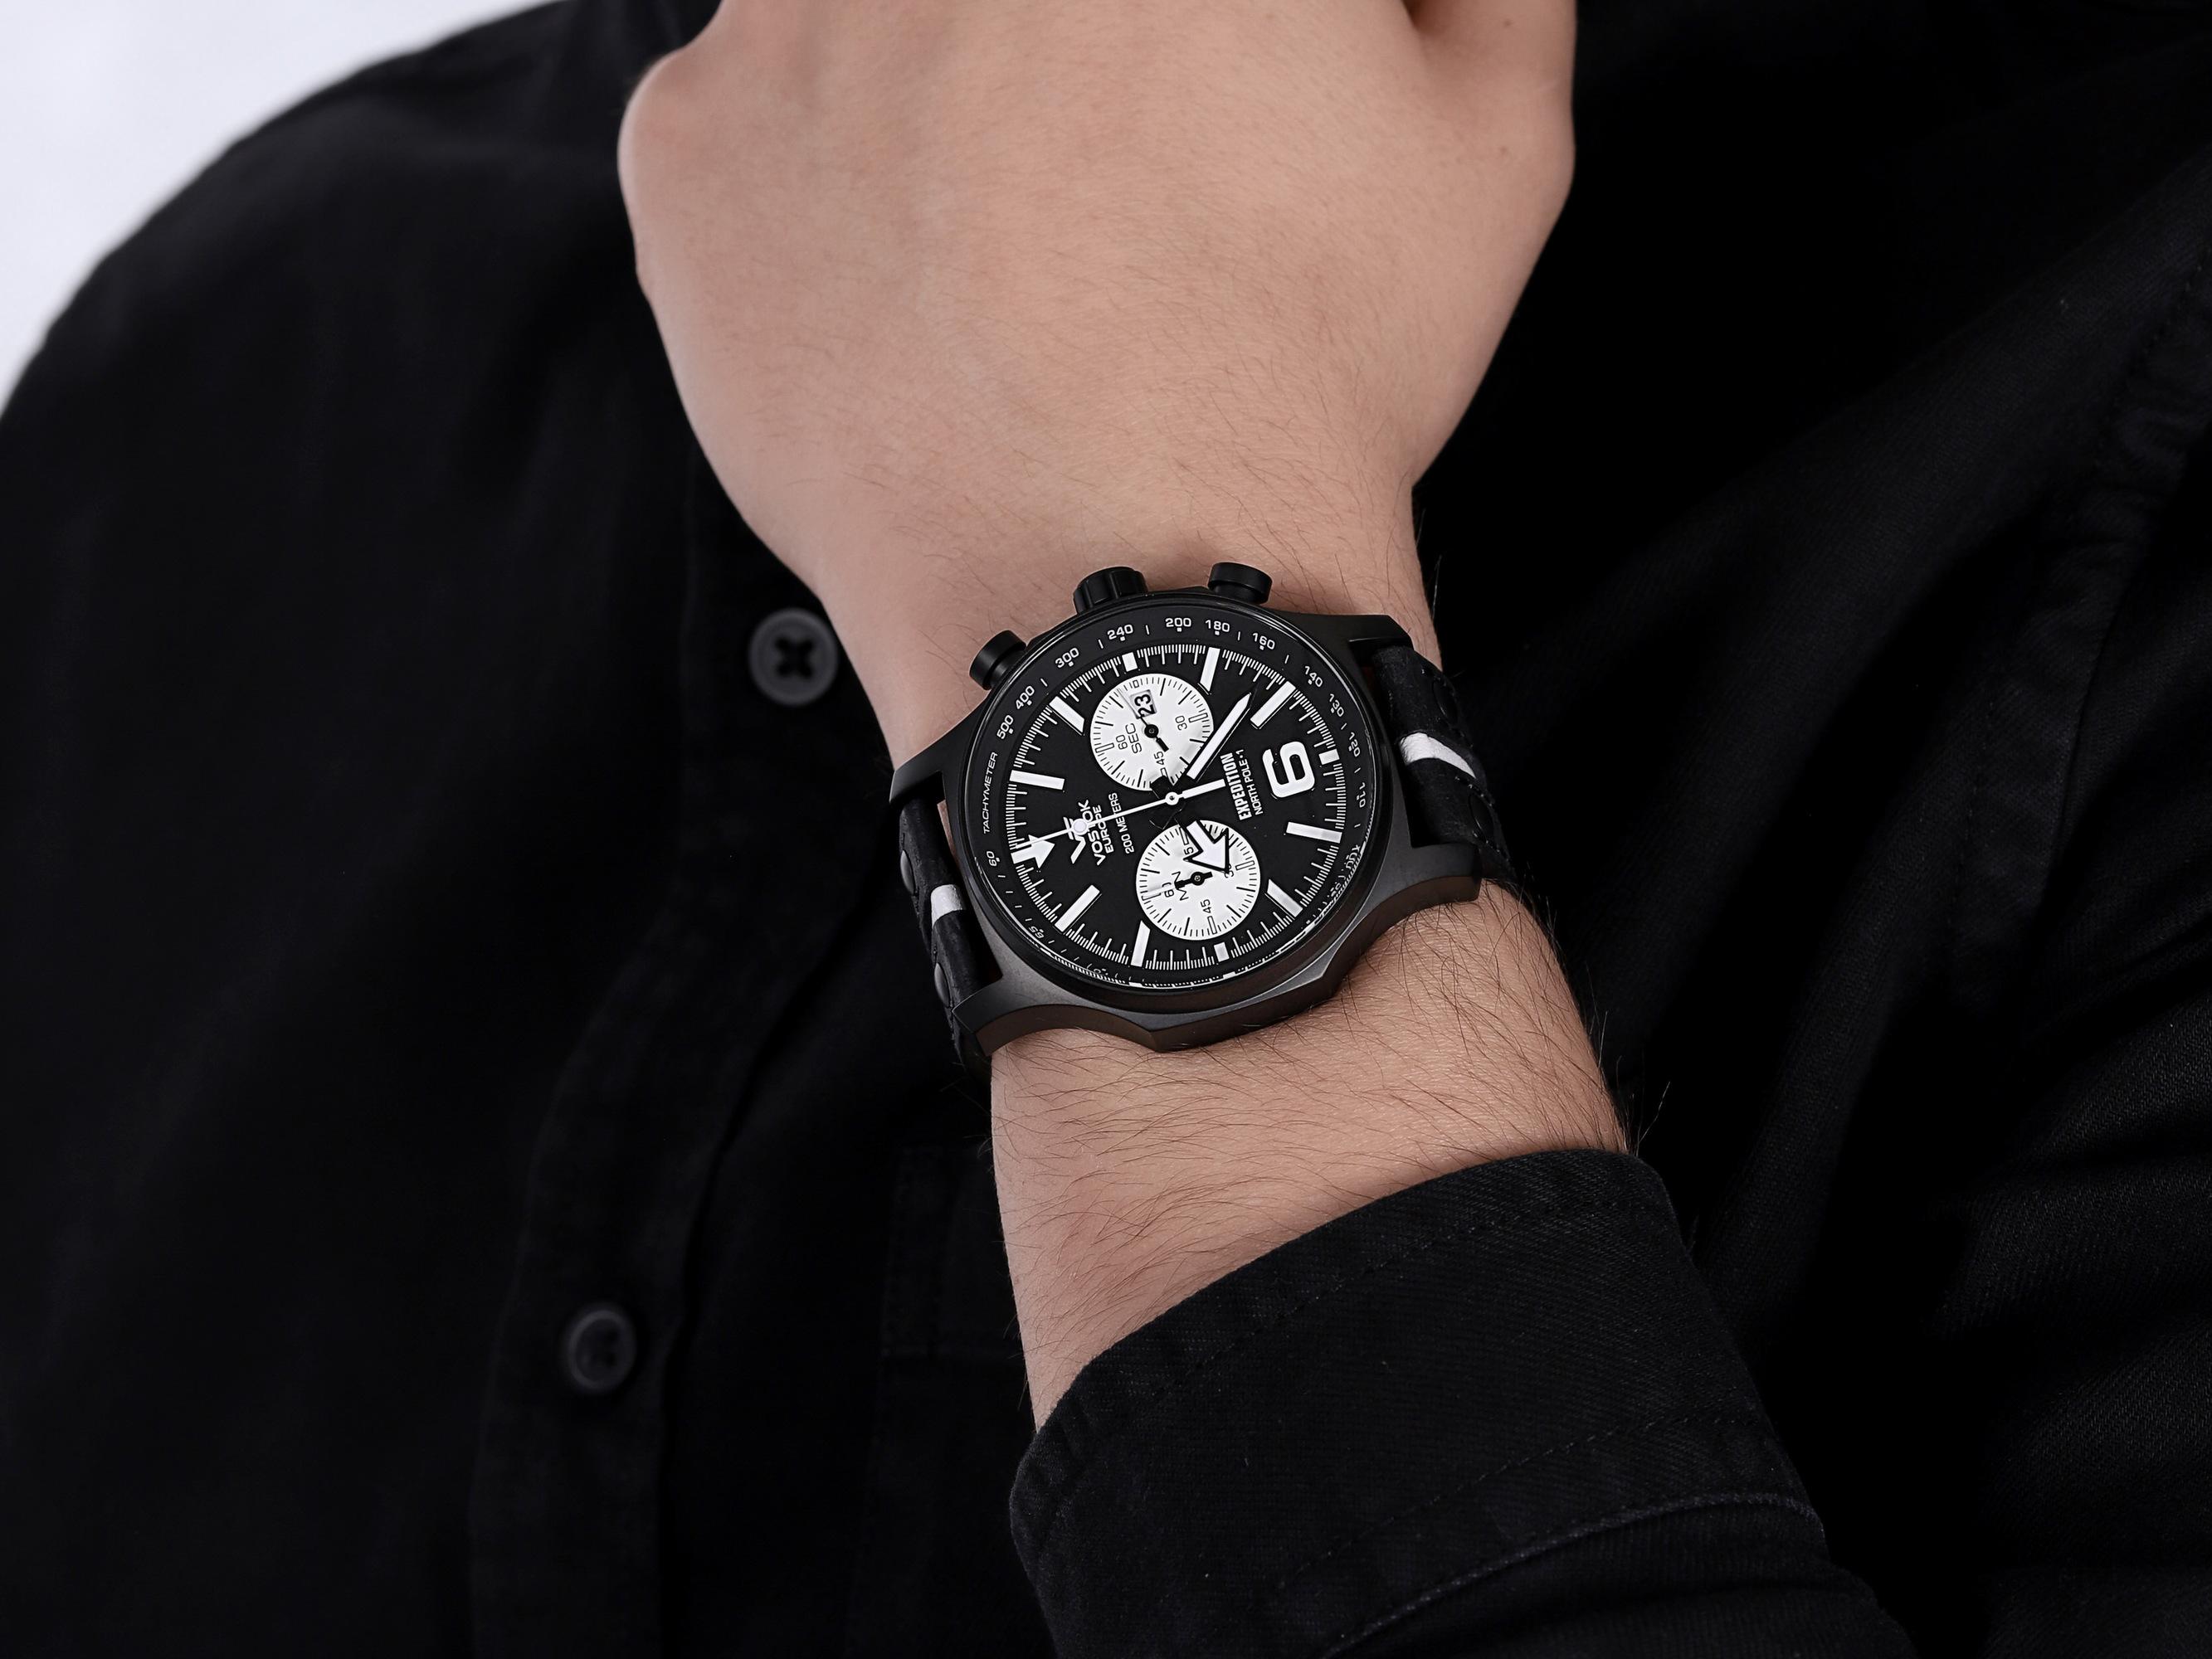 zegarek Vostok Europe 6S21-5954199 Expedition Chrono męski z tachometr Expedition